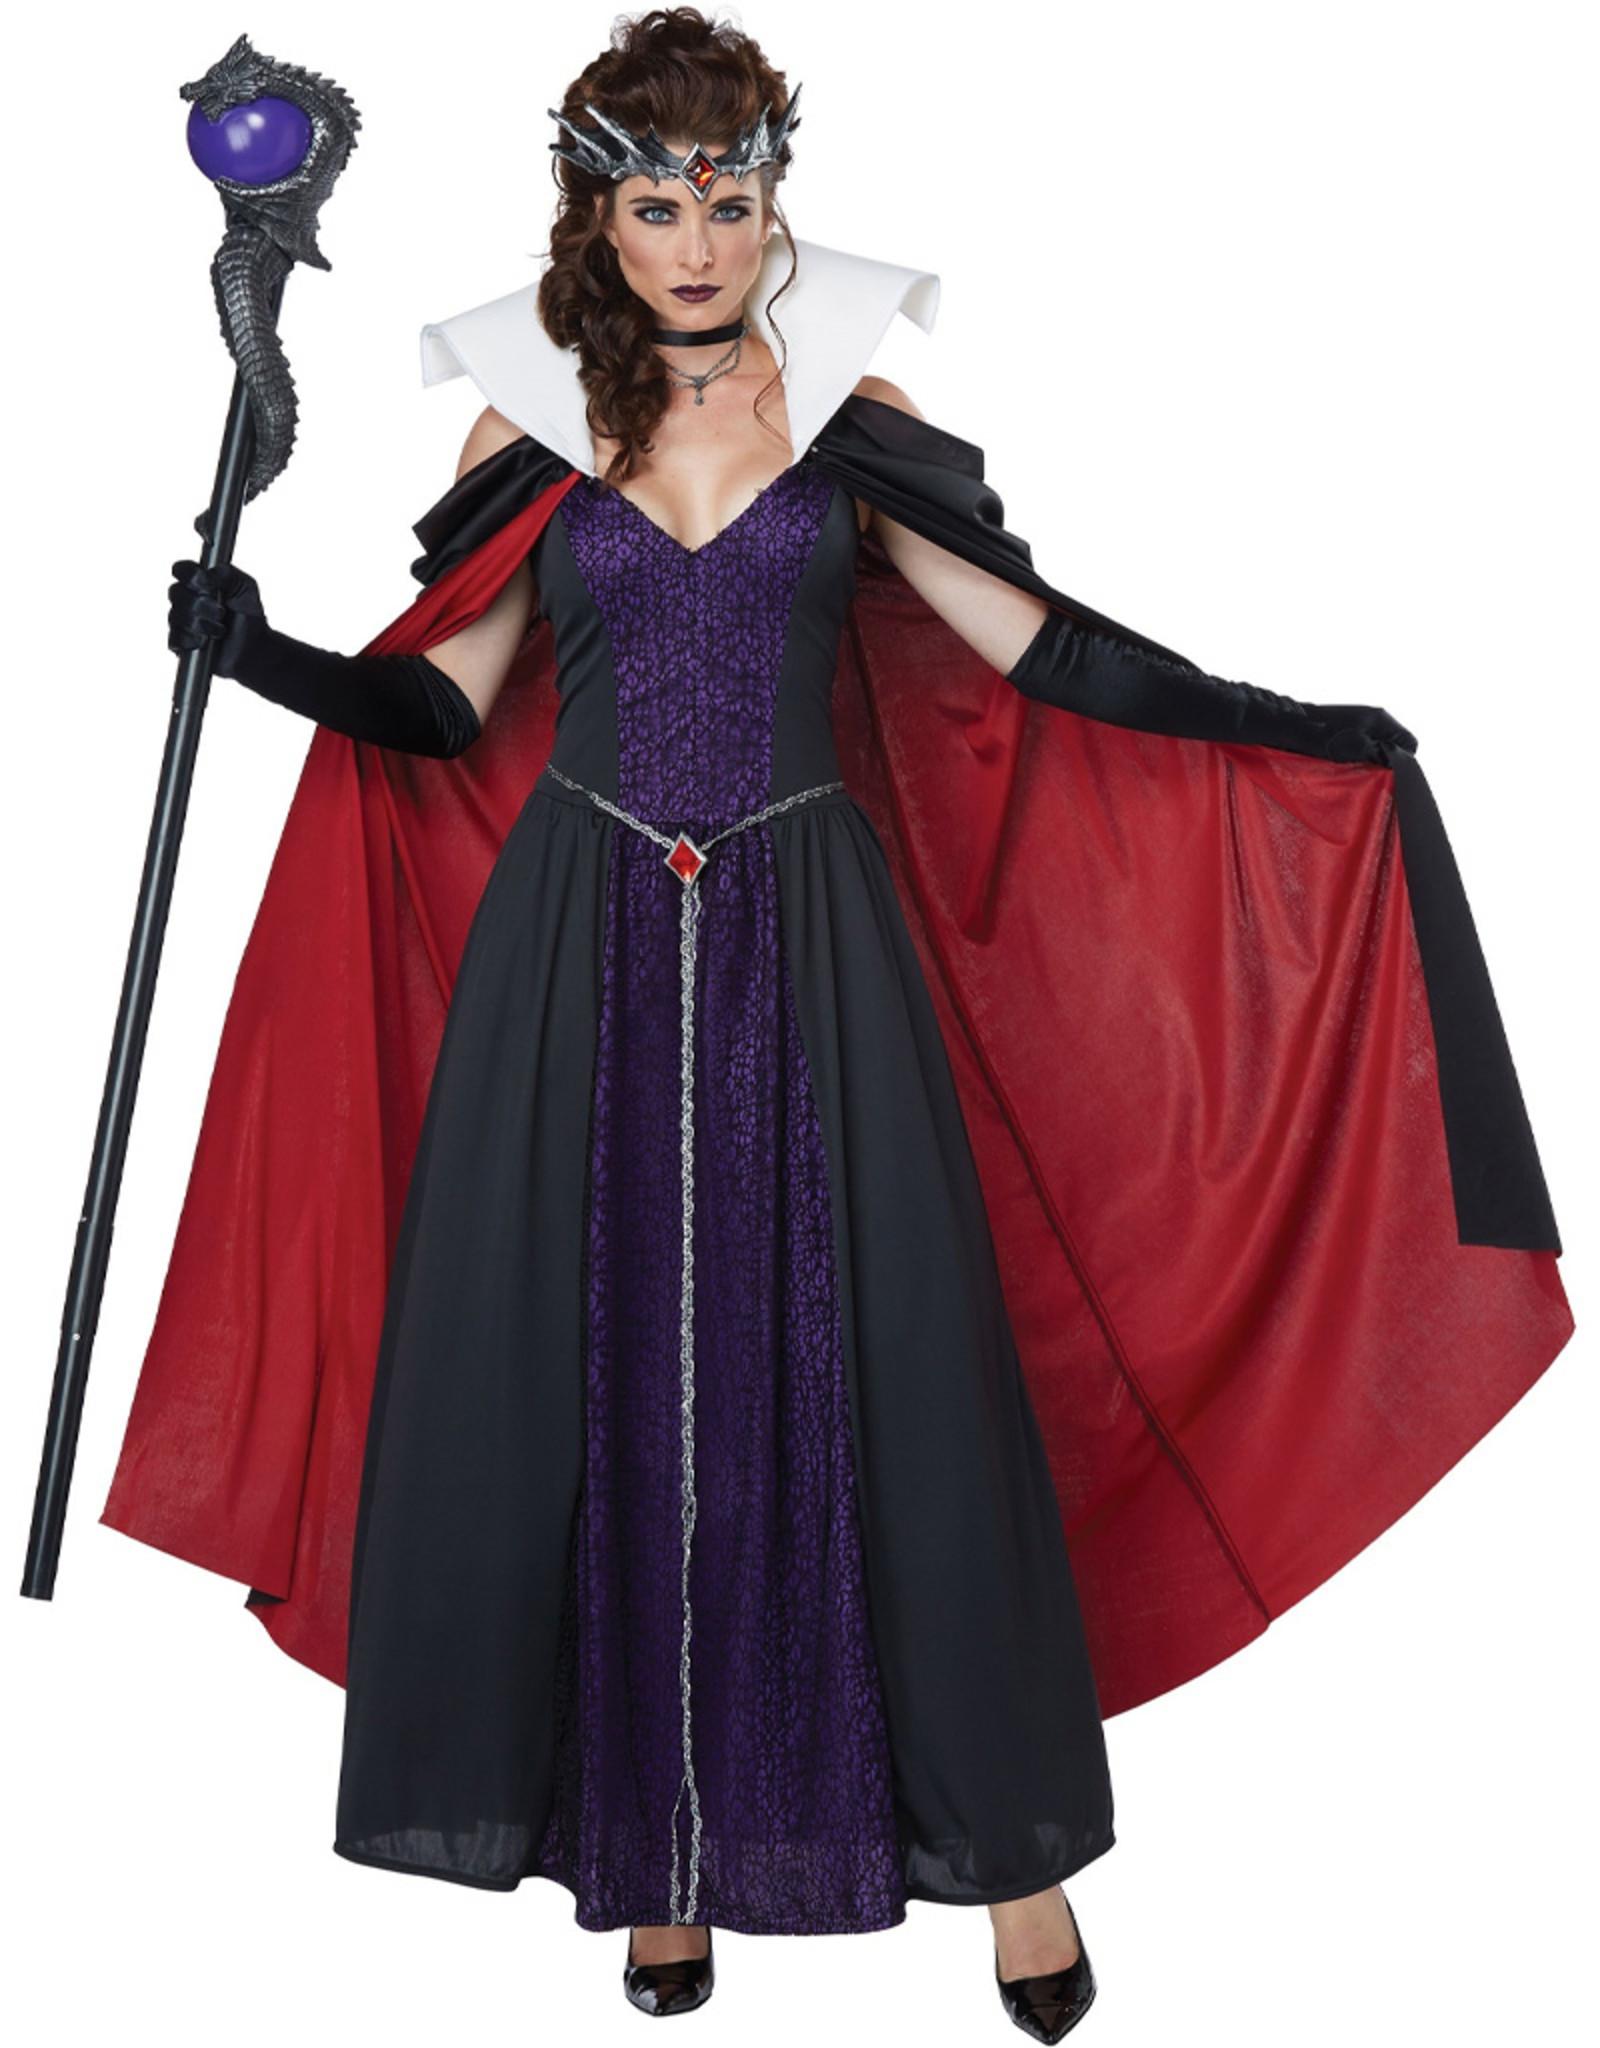 Evil Storybook Queen Costume - Women's